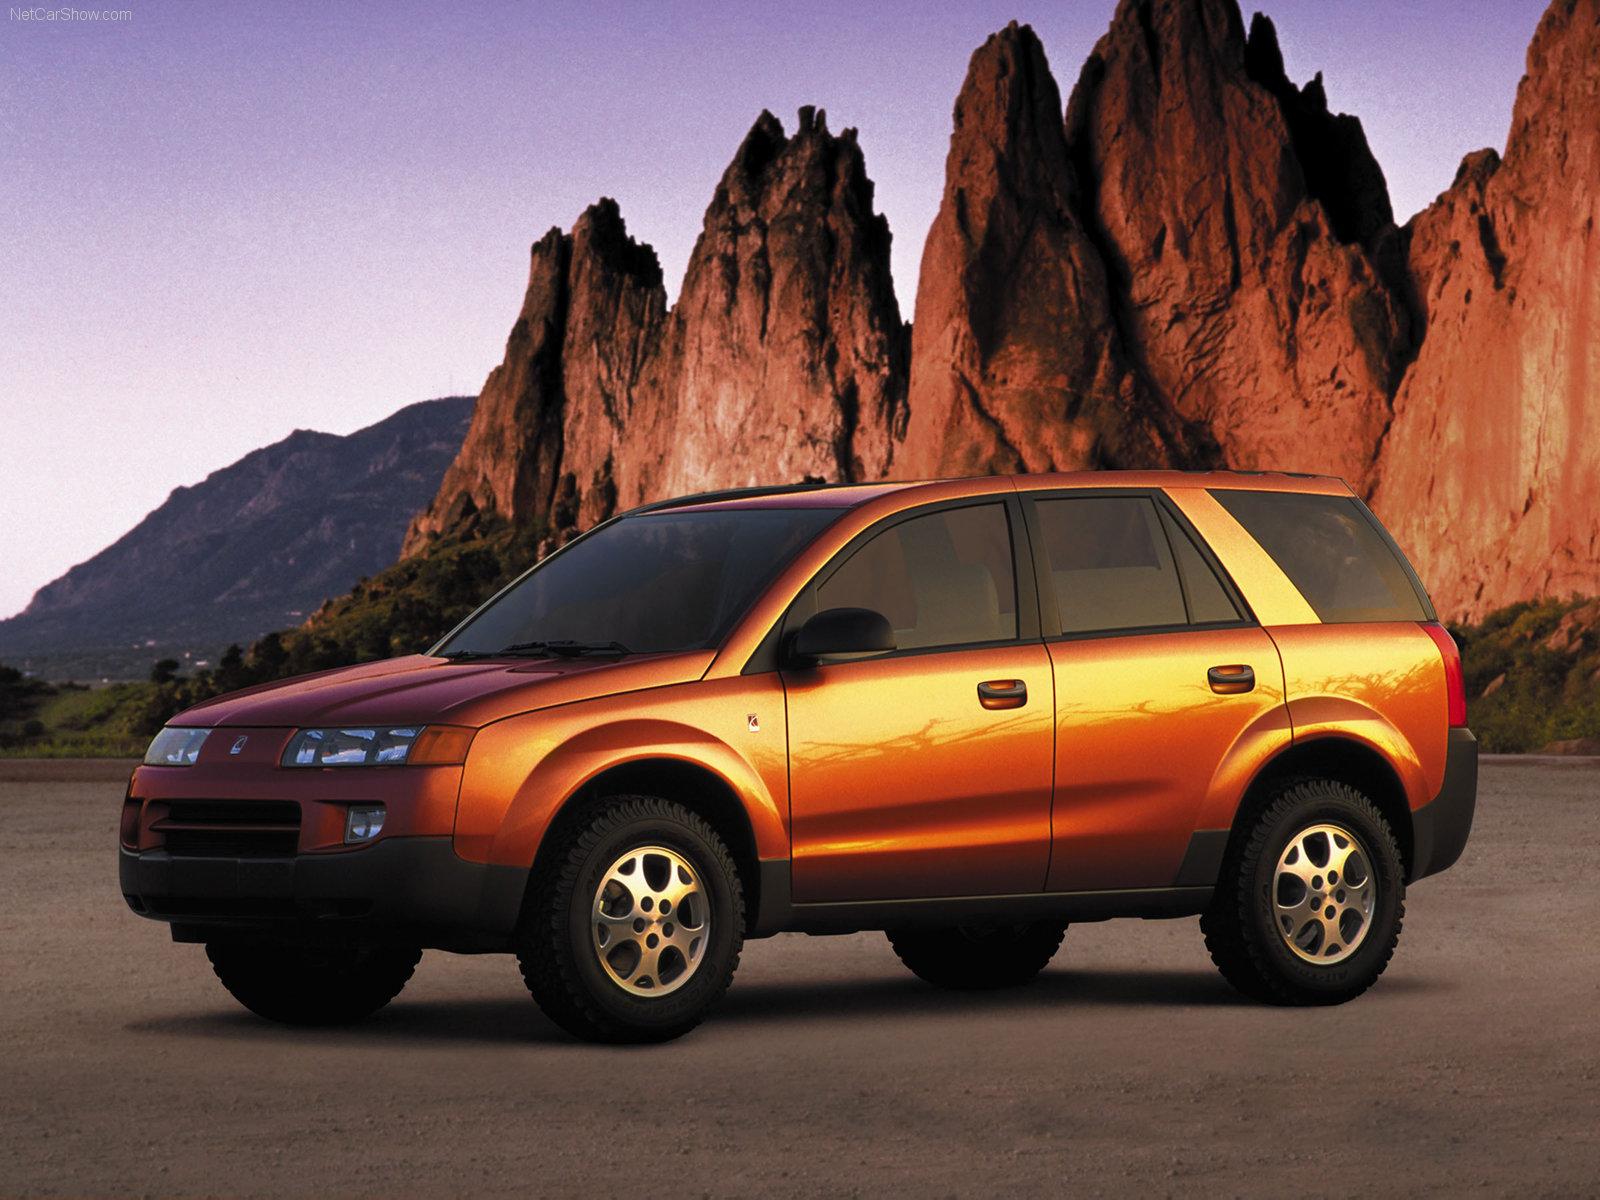 Hình ảnh xe ô tô Saturn Vue 2002 & nội ngoại thất